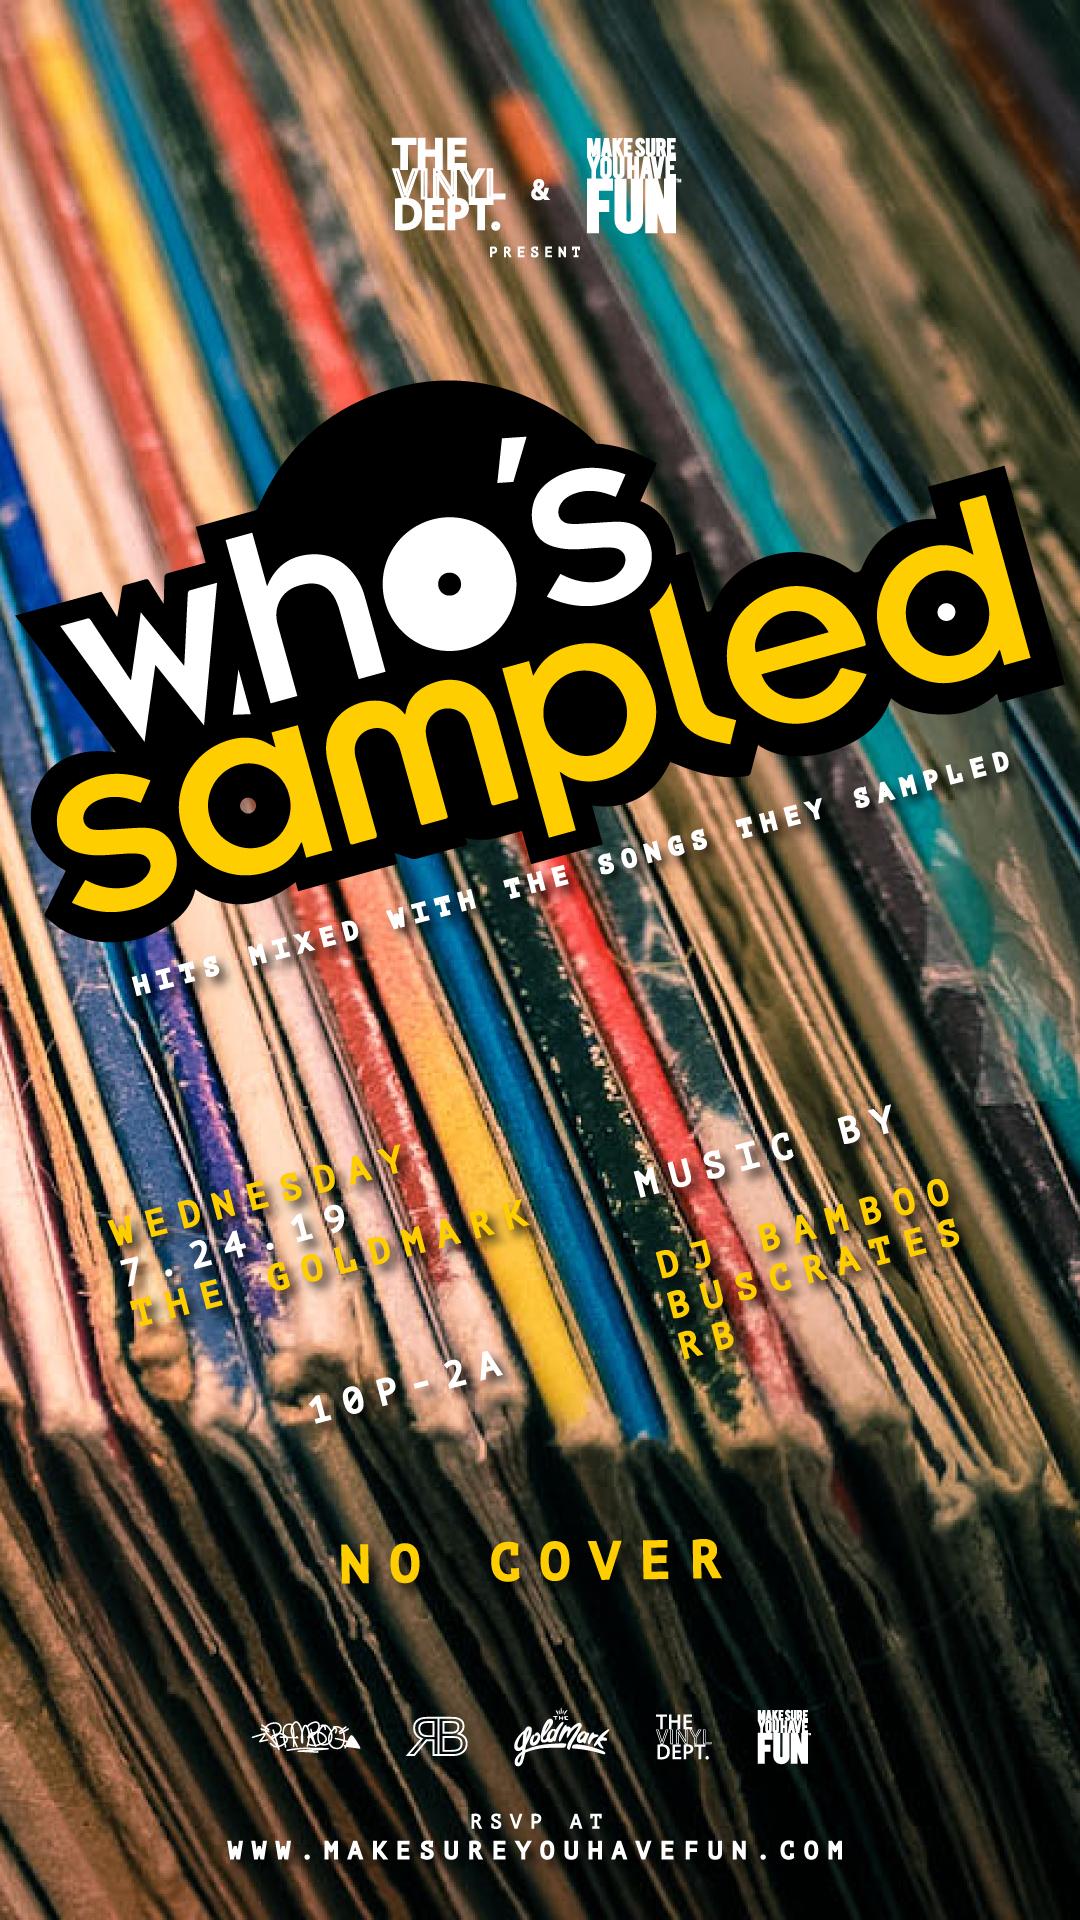 Whos-Sampled-July-2019-IG-Story-Flyer.jpg